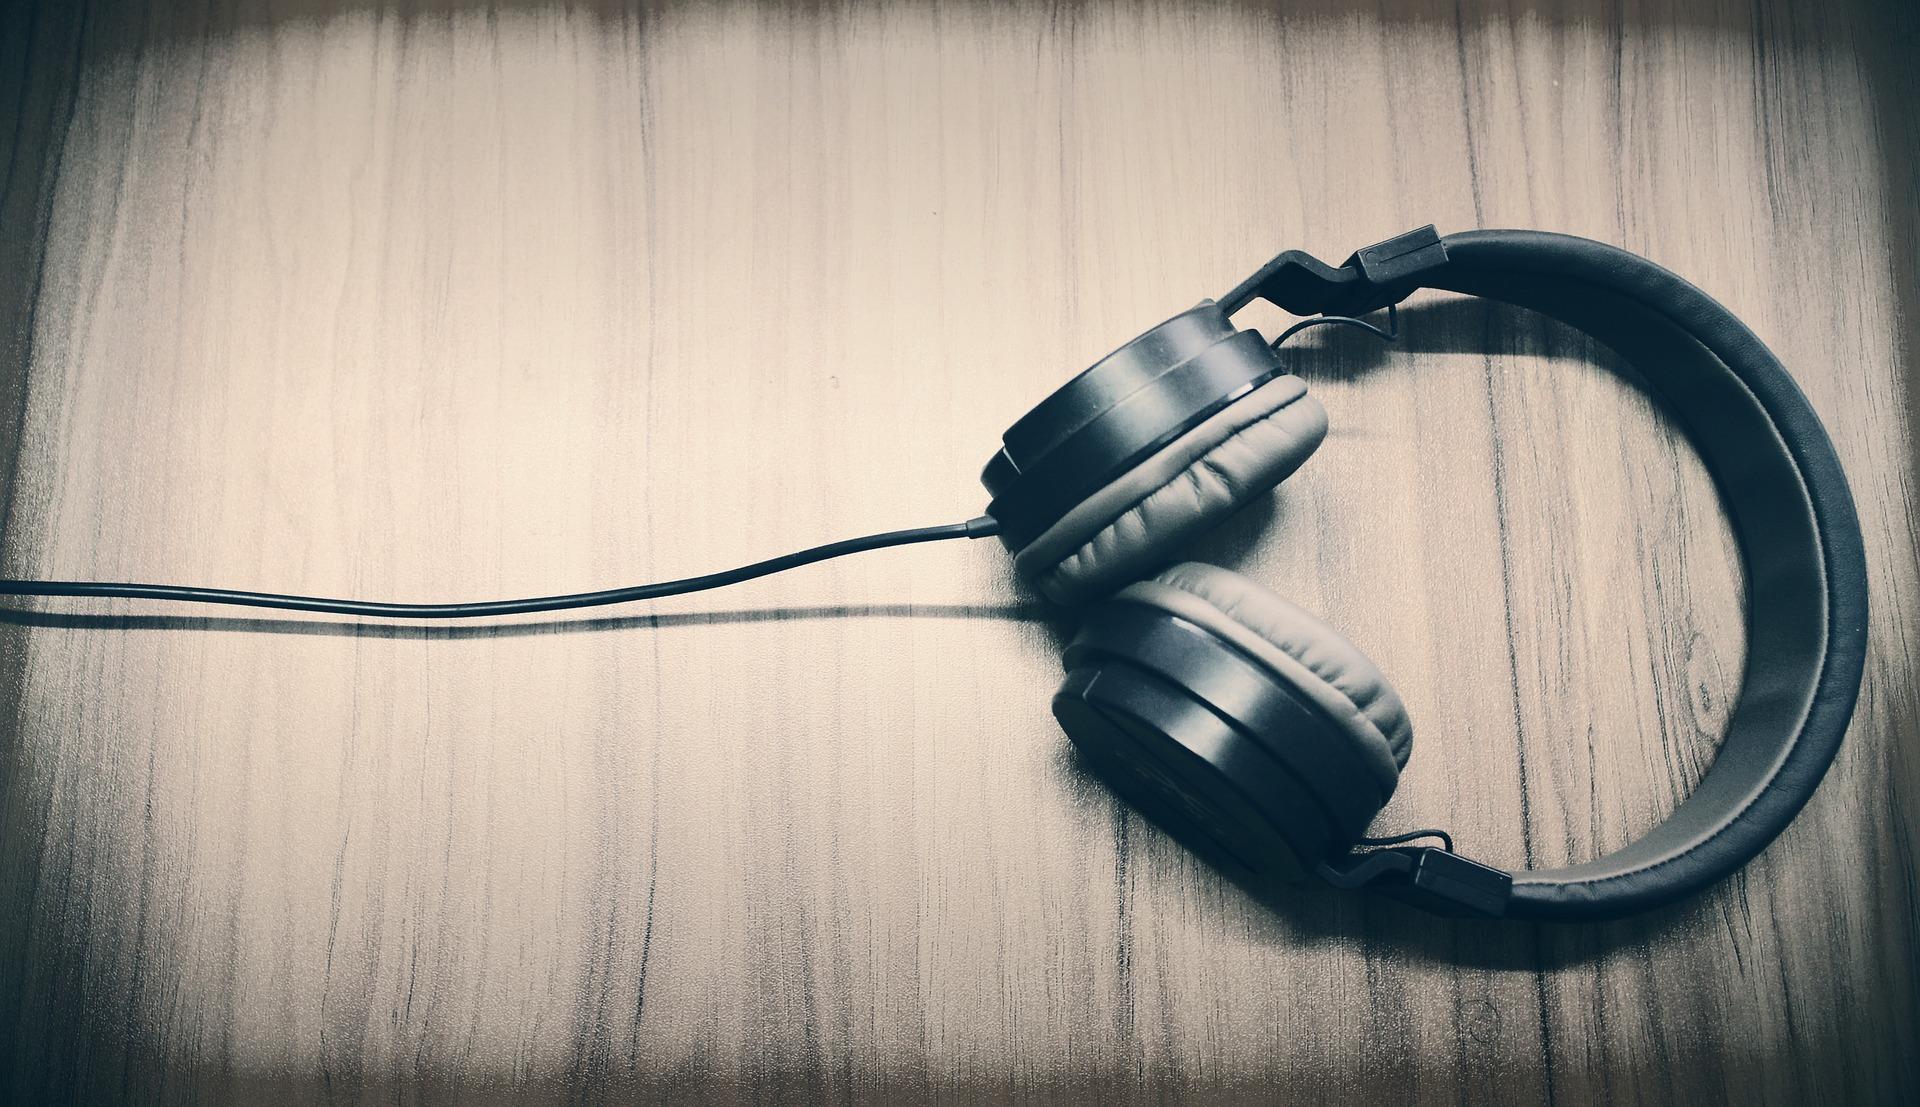 Podsłuchy można wykorzystywać tylko w określonych sytuacjach